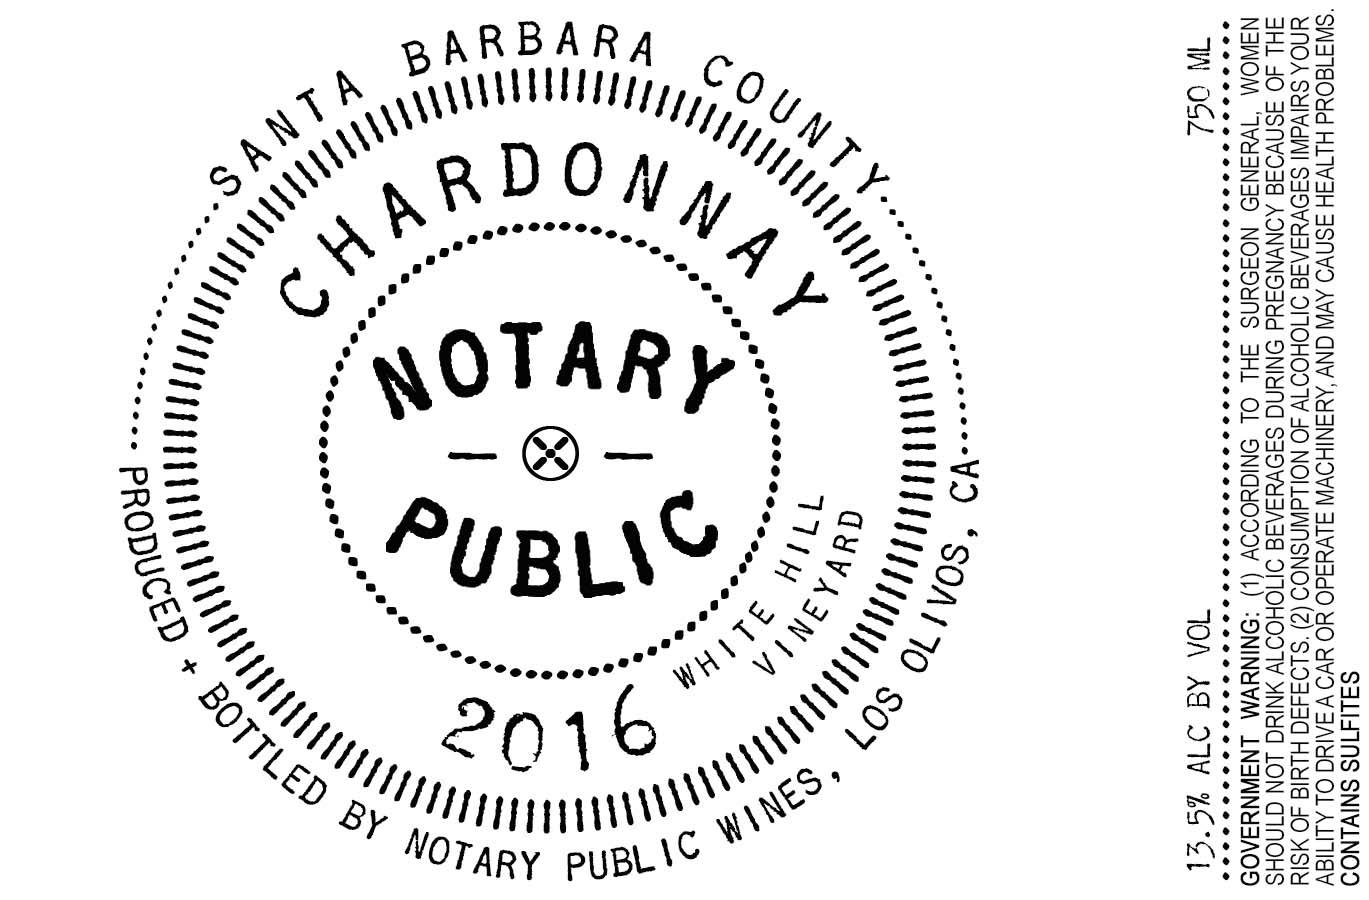 NotaryPublic_chardonnay_2016.jpg